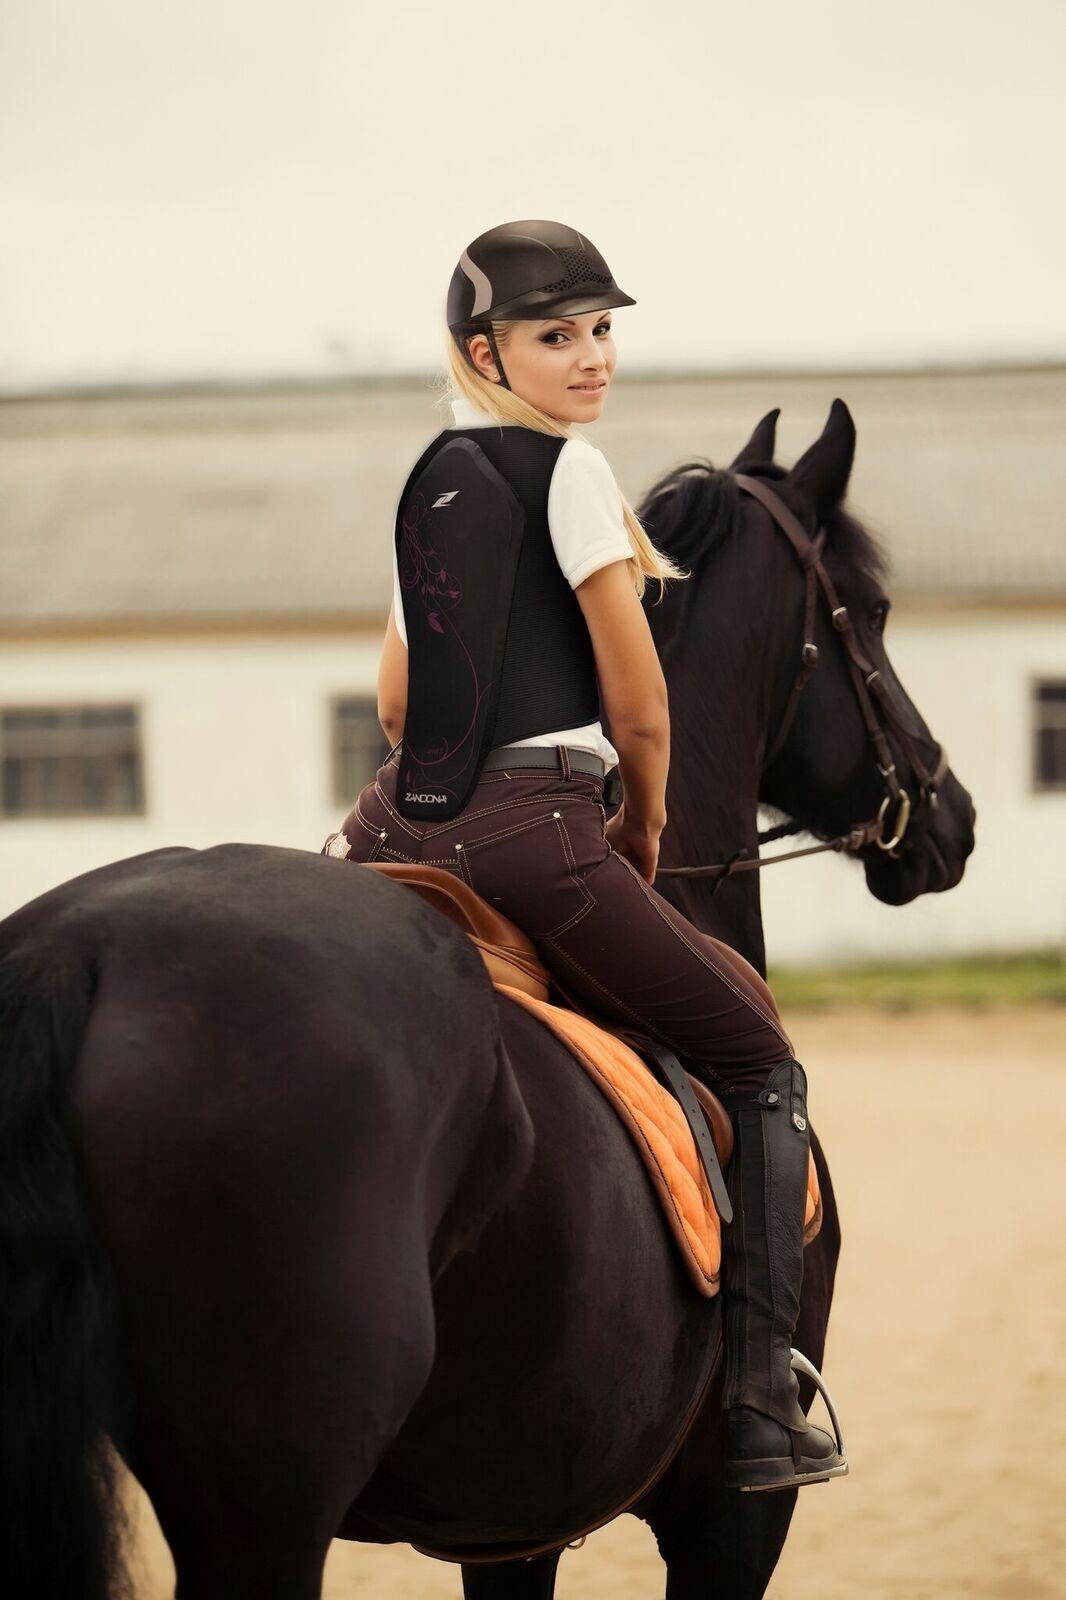 ZANDONA Körpergröße Soft Active Vest ProX6 Schutzweste 158-167cm Körpergröße ZANDONA e33af9